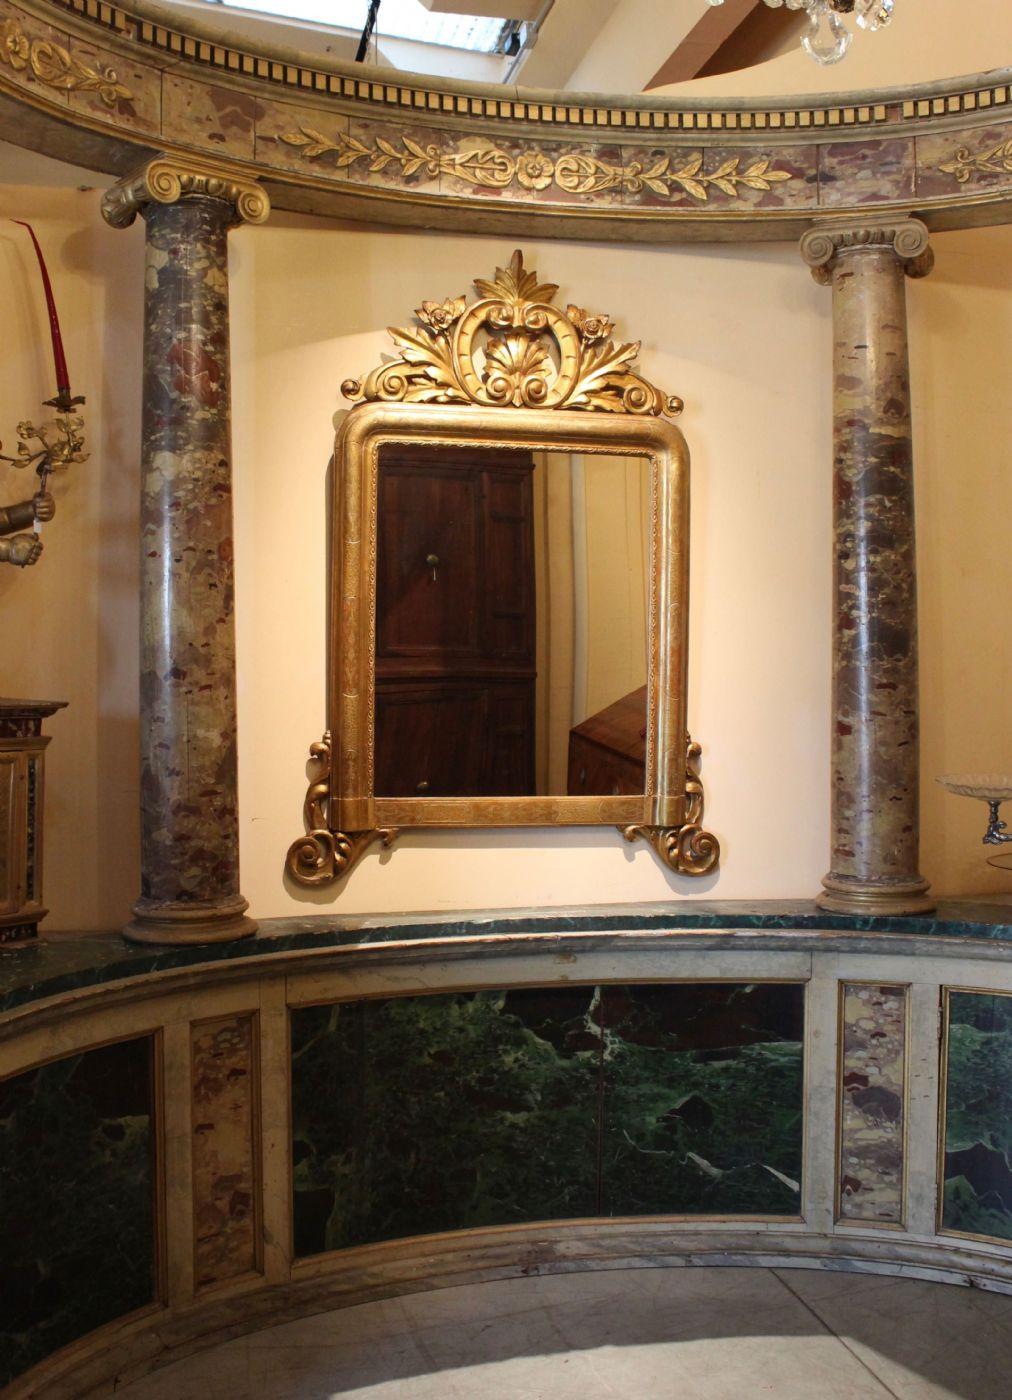 thumb6 Tempio marmorizzato (epoca: Impero - Prima metà del XIX secolo)